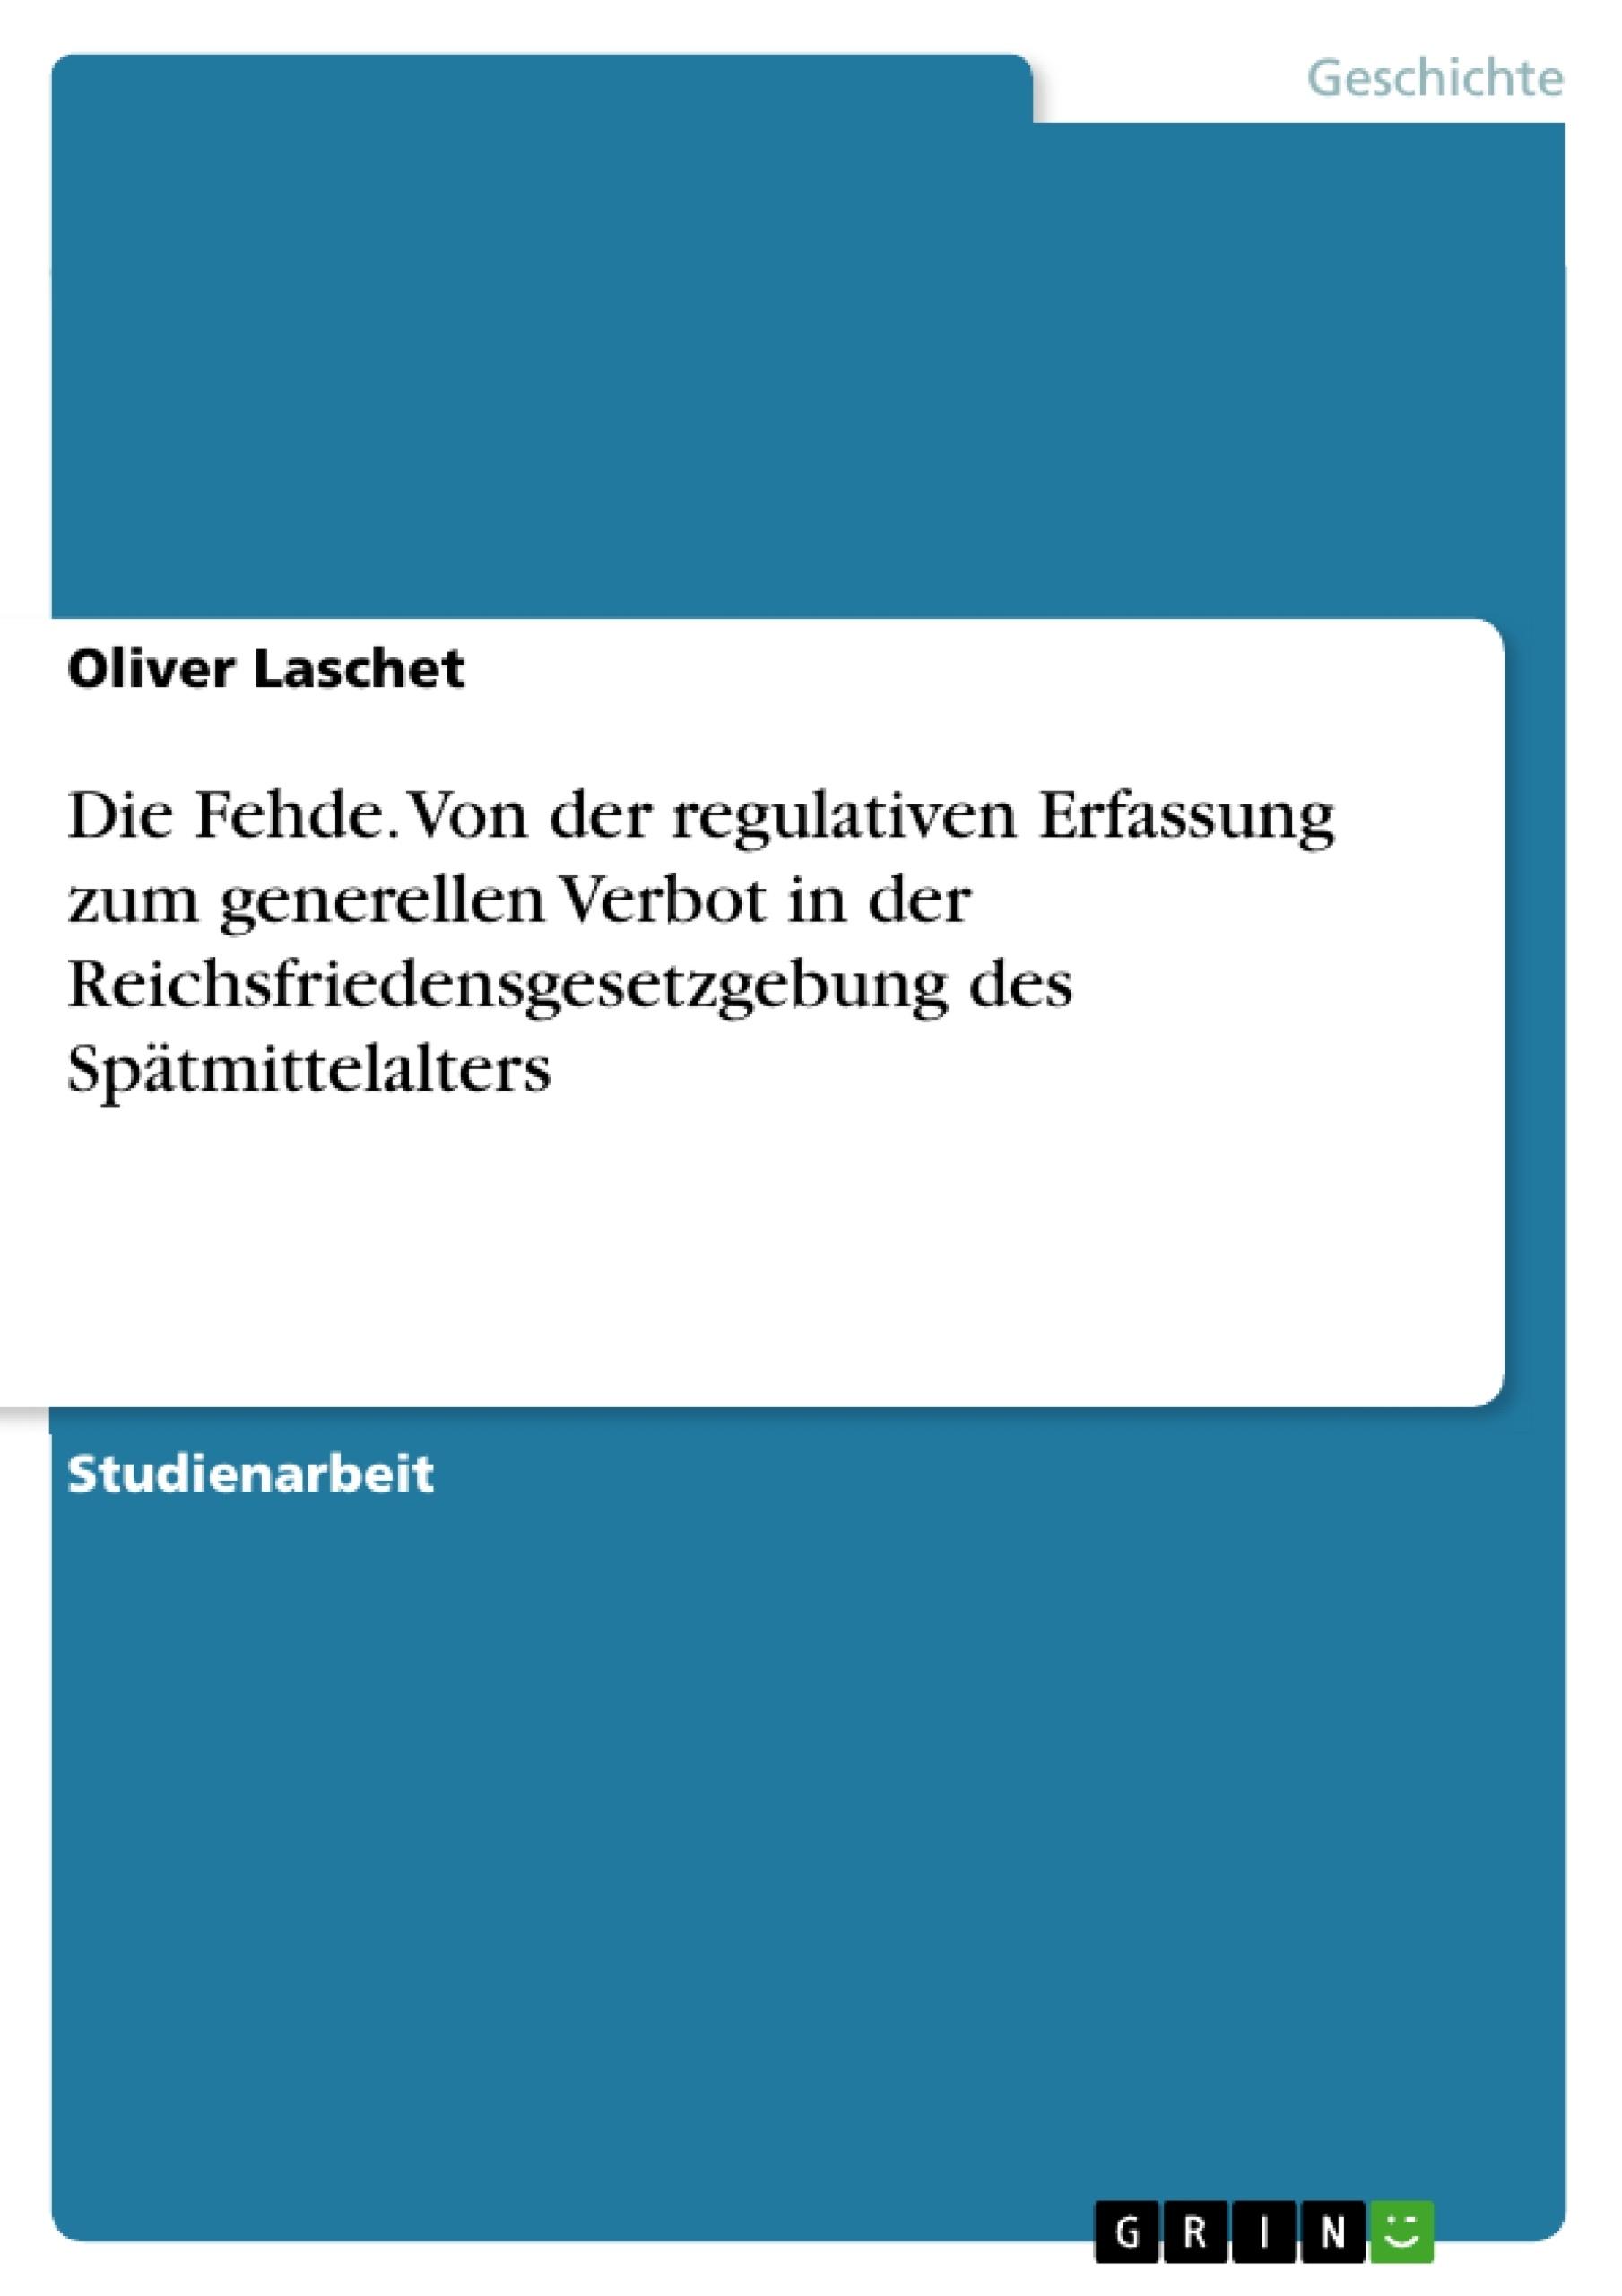 Titel: Die Fehde. Von der regulativen Erfassung zum generellen Verbot in der Reichsfriedensgesetzgebung des Spätmittelalters